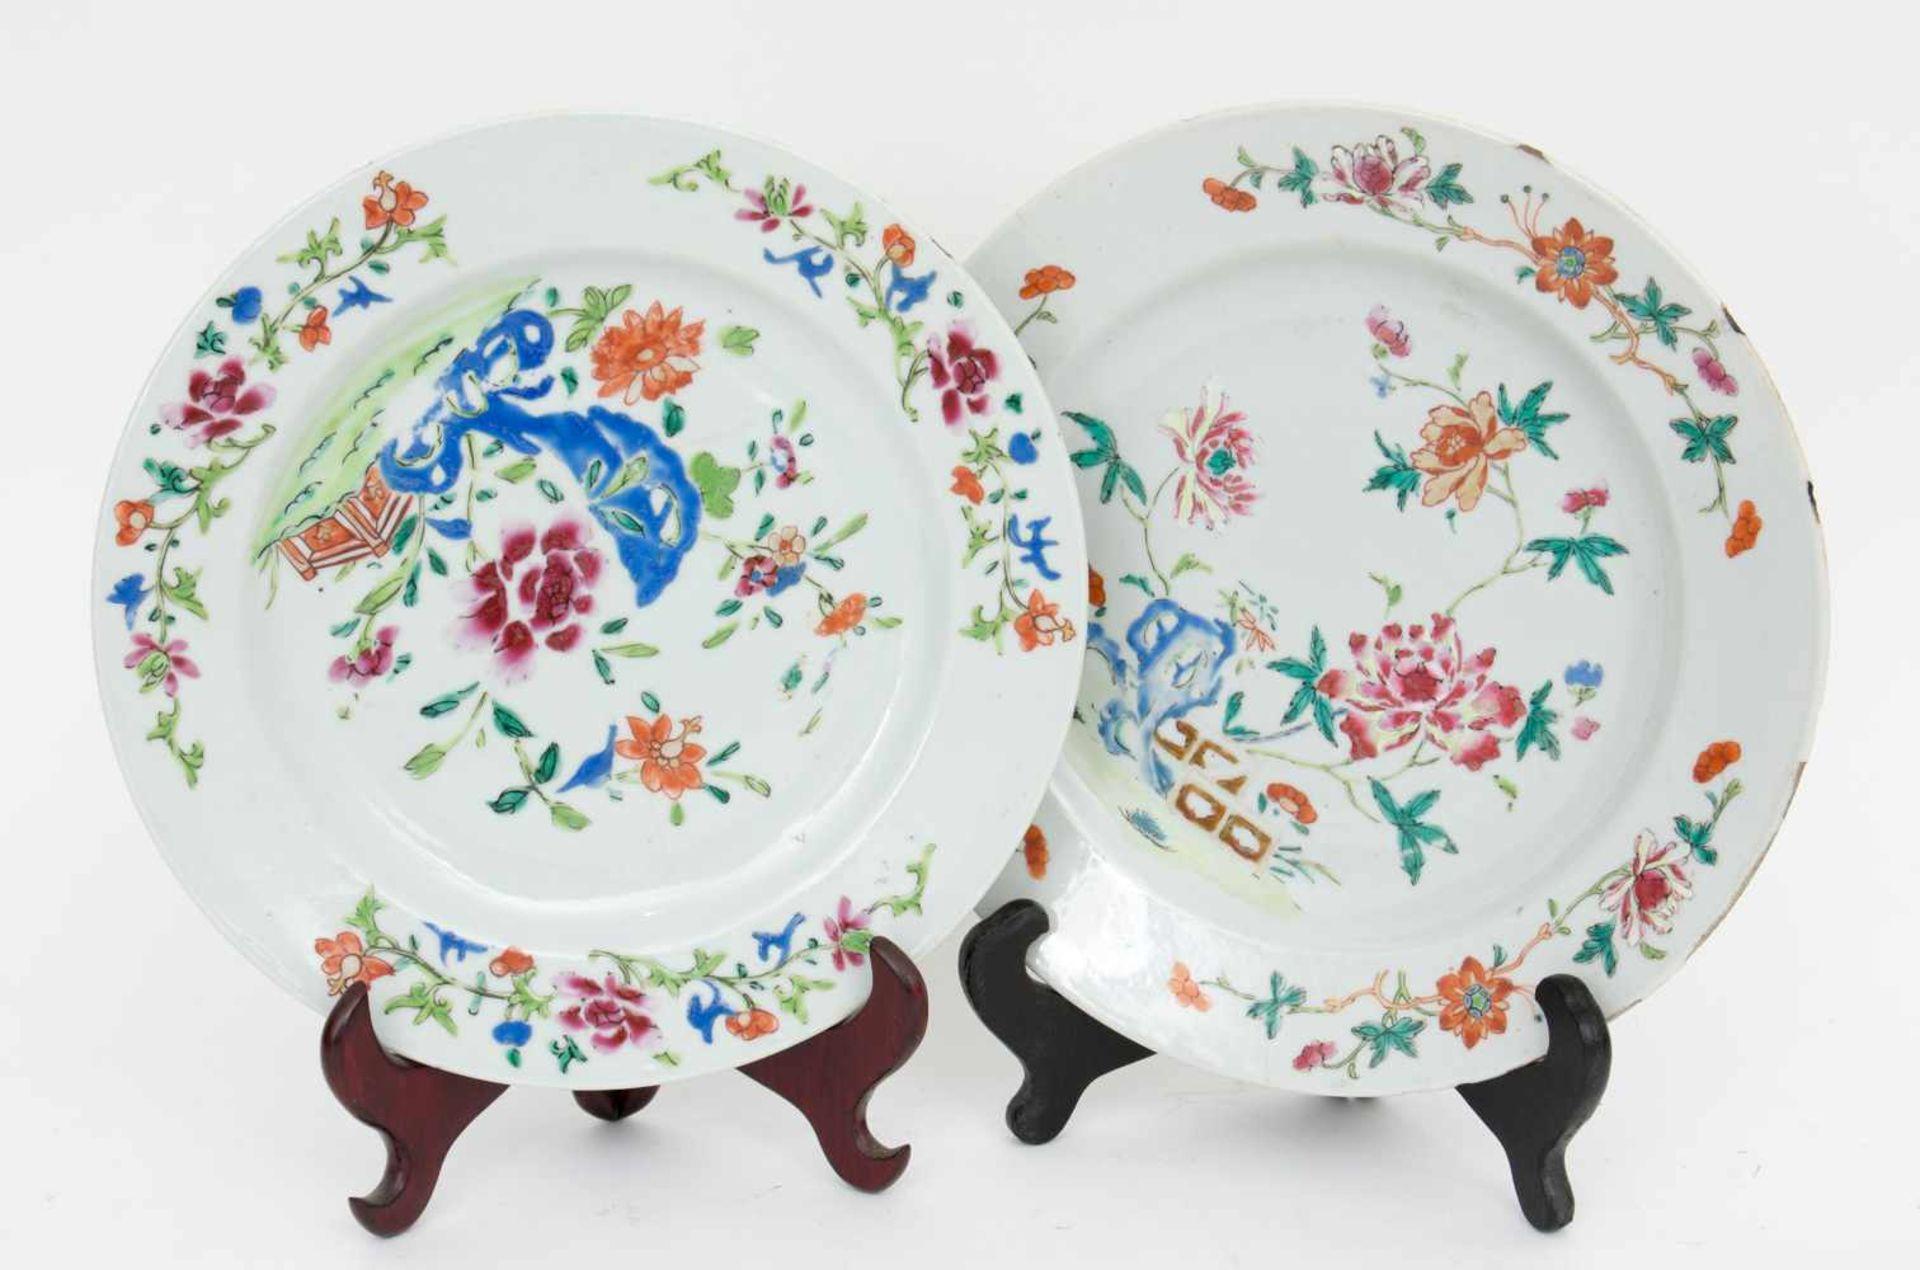 Los 37 - ZWEI TELLER FAMILLE ROSE, mit Stand, Porzellan, China wohl frühes 20. Jahrhundert Zwei chinesische